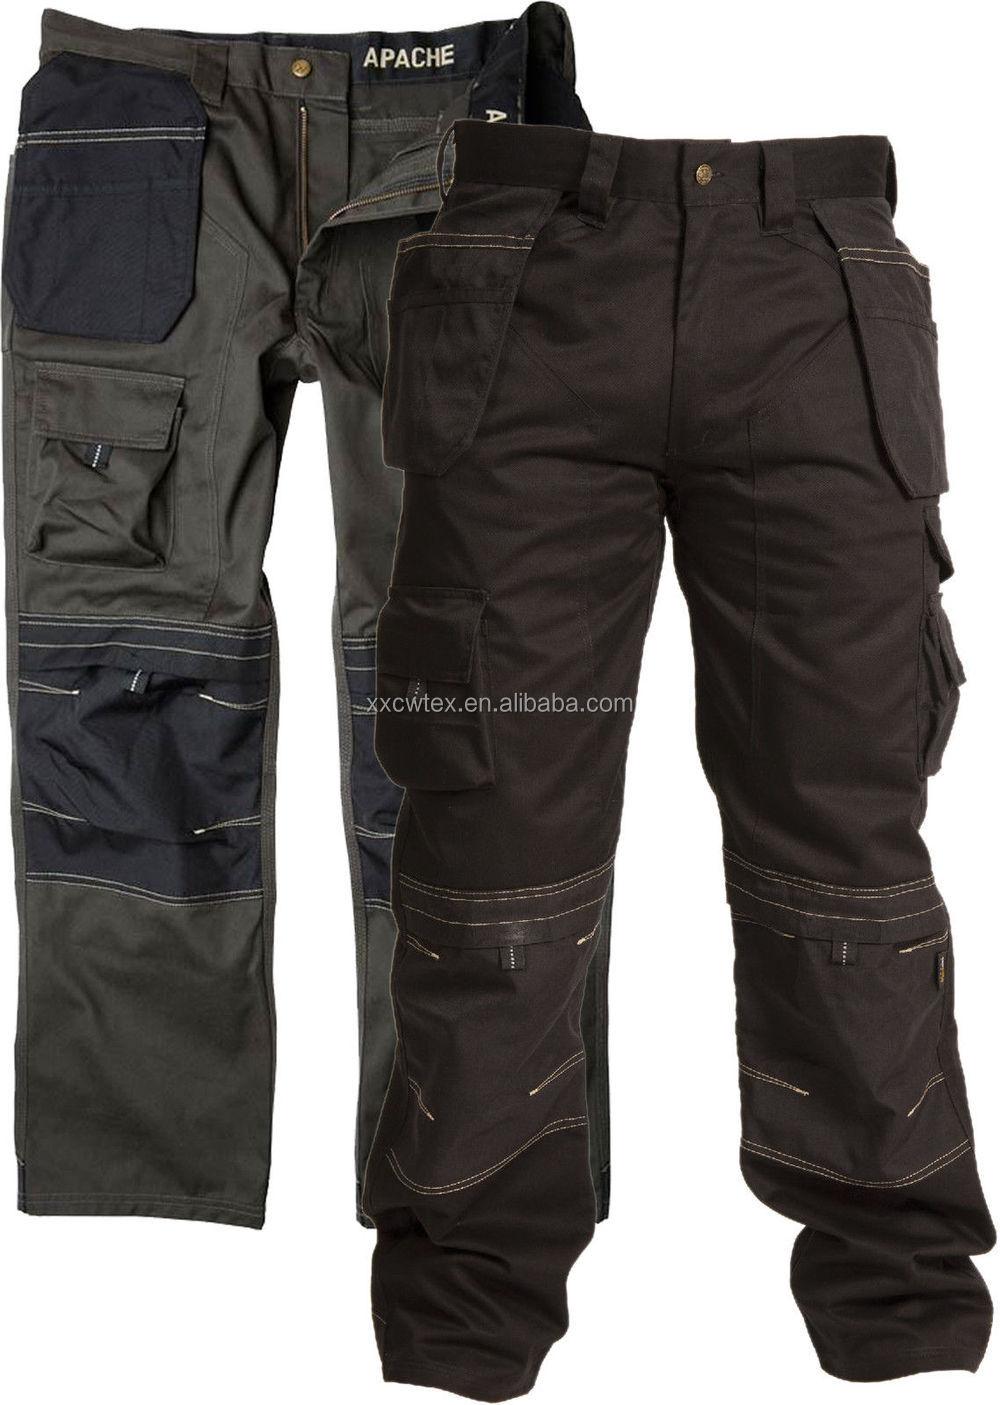 Cvc60/40 Men's Heavy Duty Cargo Work Pants With Many Pockets For ...